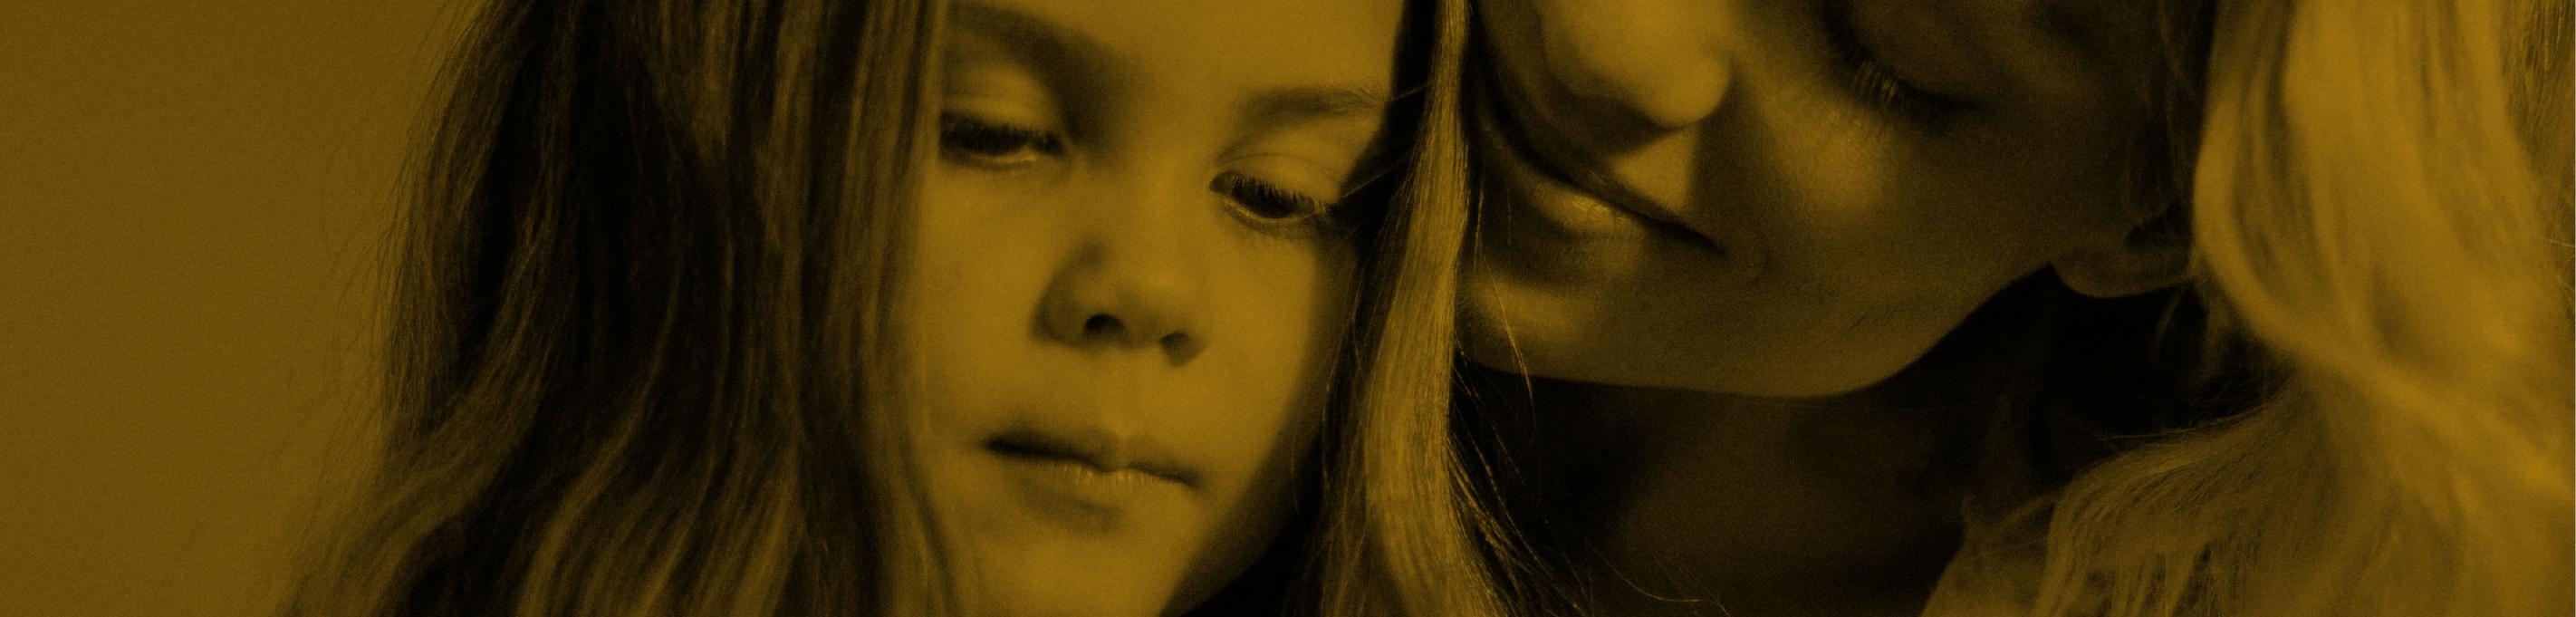 Minikurs 1. Dziecięca złość. Jak wspierać dzieci w trudnych emocjach?